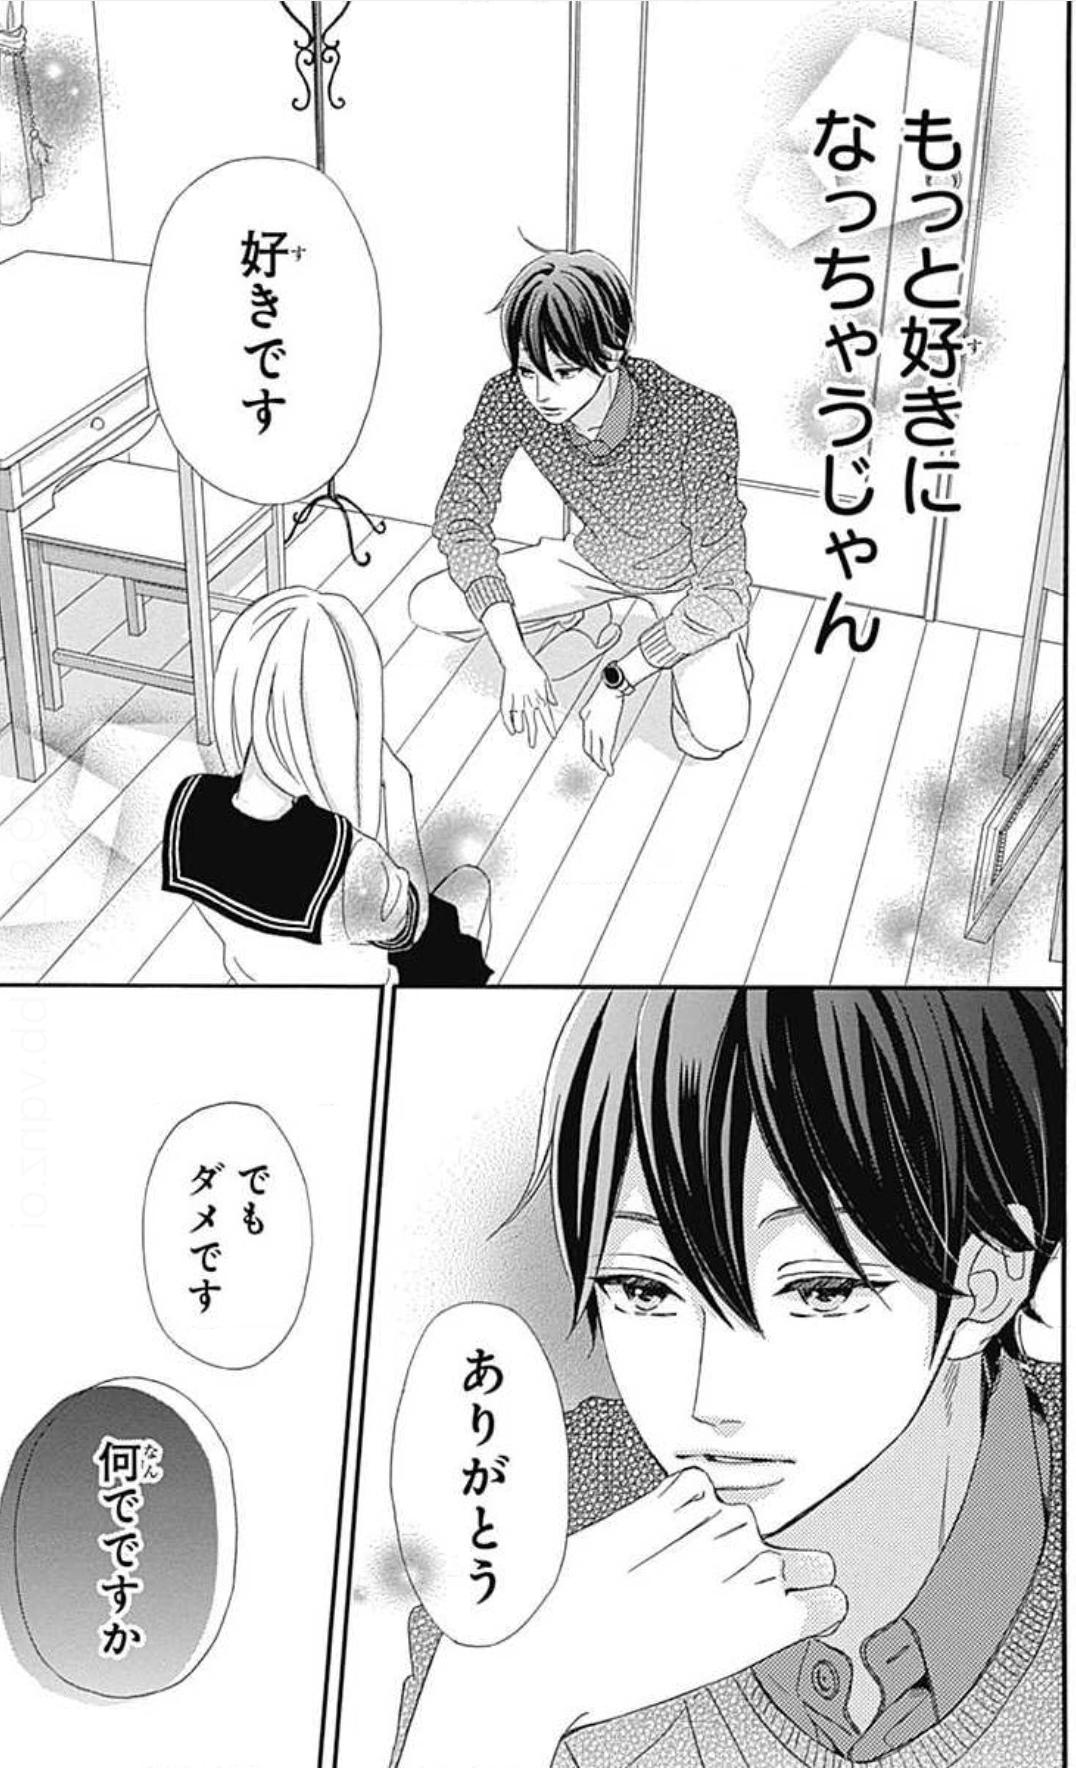 漫画『センセイ君主』の弘光先生がかっこよすぎる!【あらすじ】